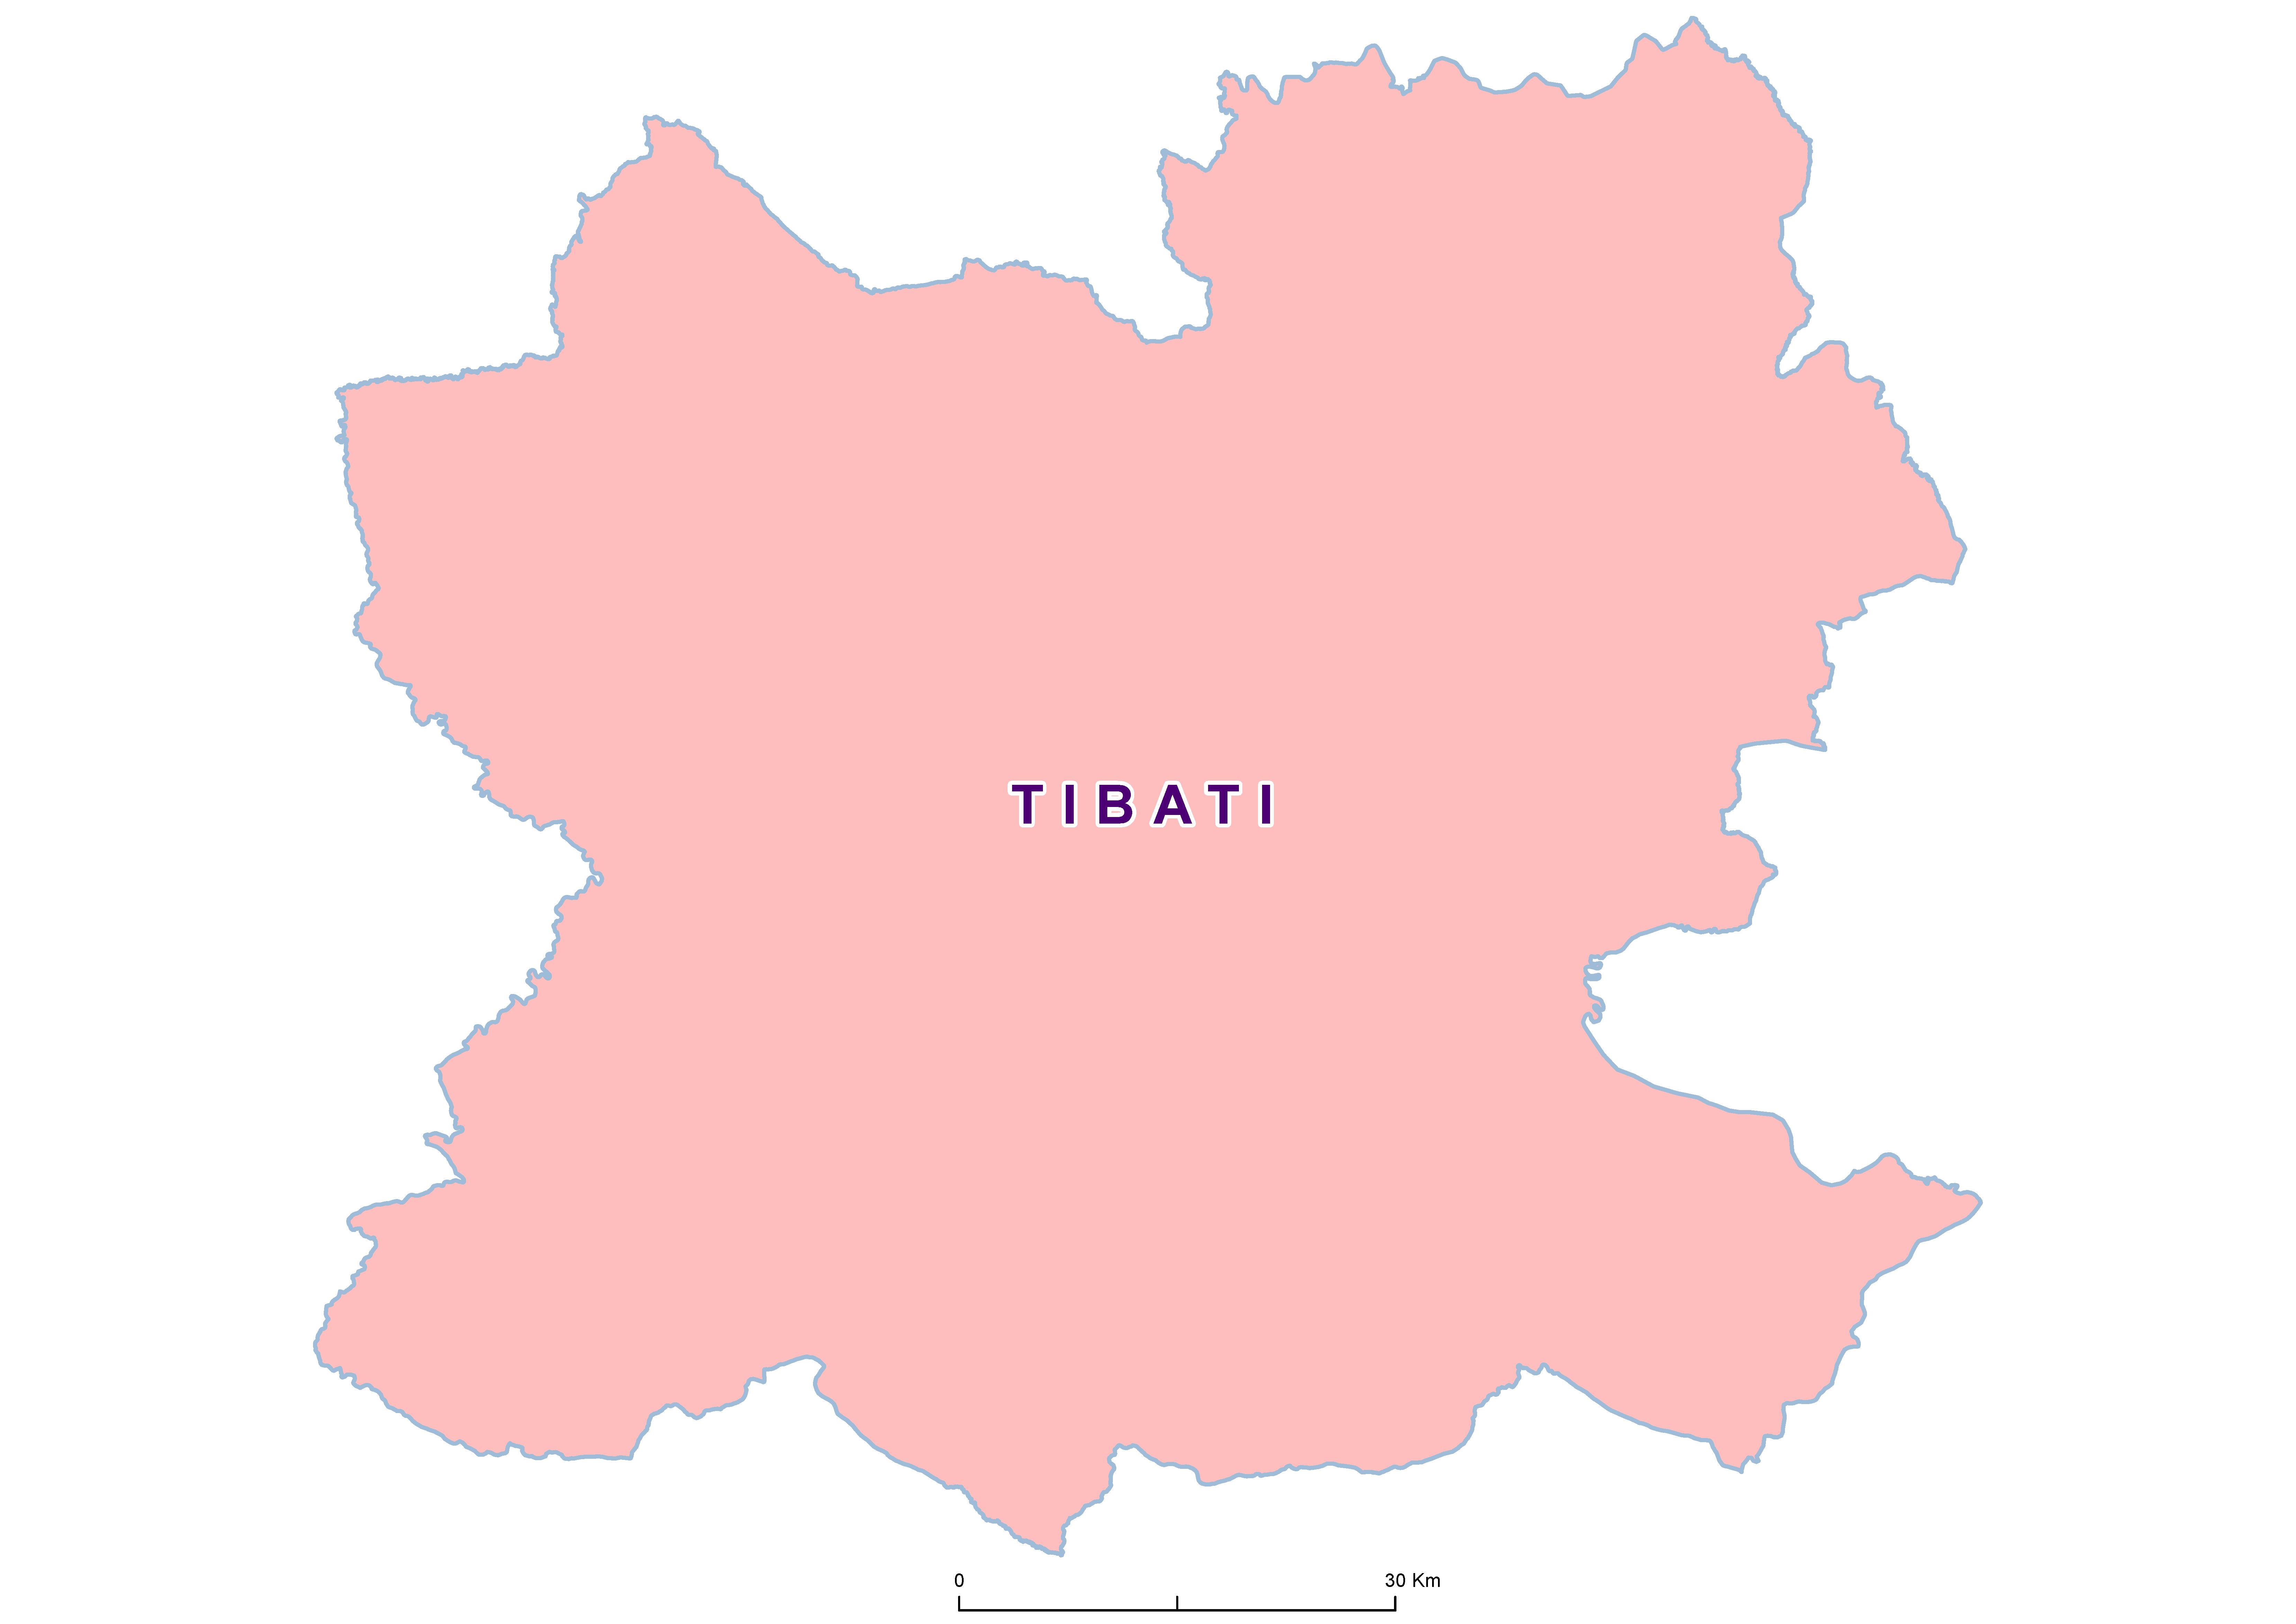 Tibati Mean SCH 20100001